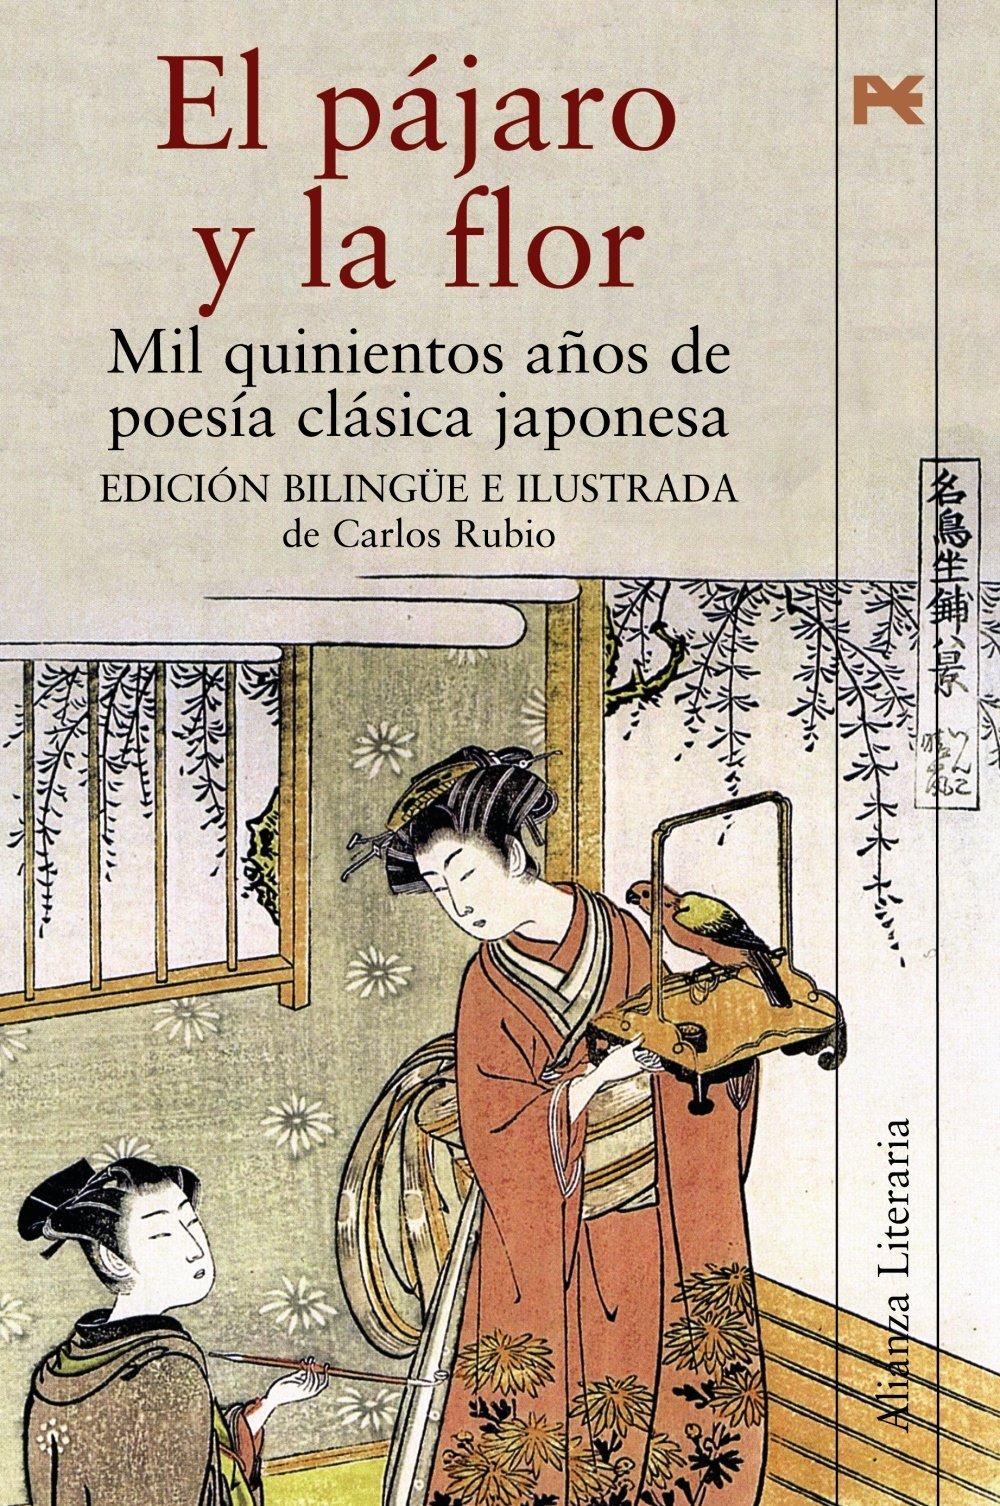 El pájaro y la flor: Mil quinientos años de poesía clásica japonesa Alianza Literaria Al: Amazon.es: Varios Autores, Rubio, Carlos: Libros